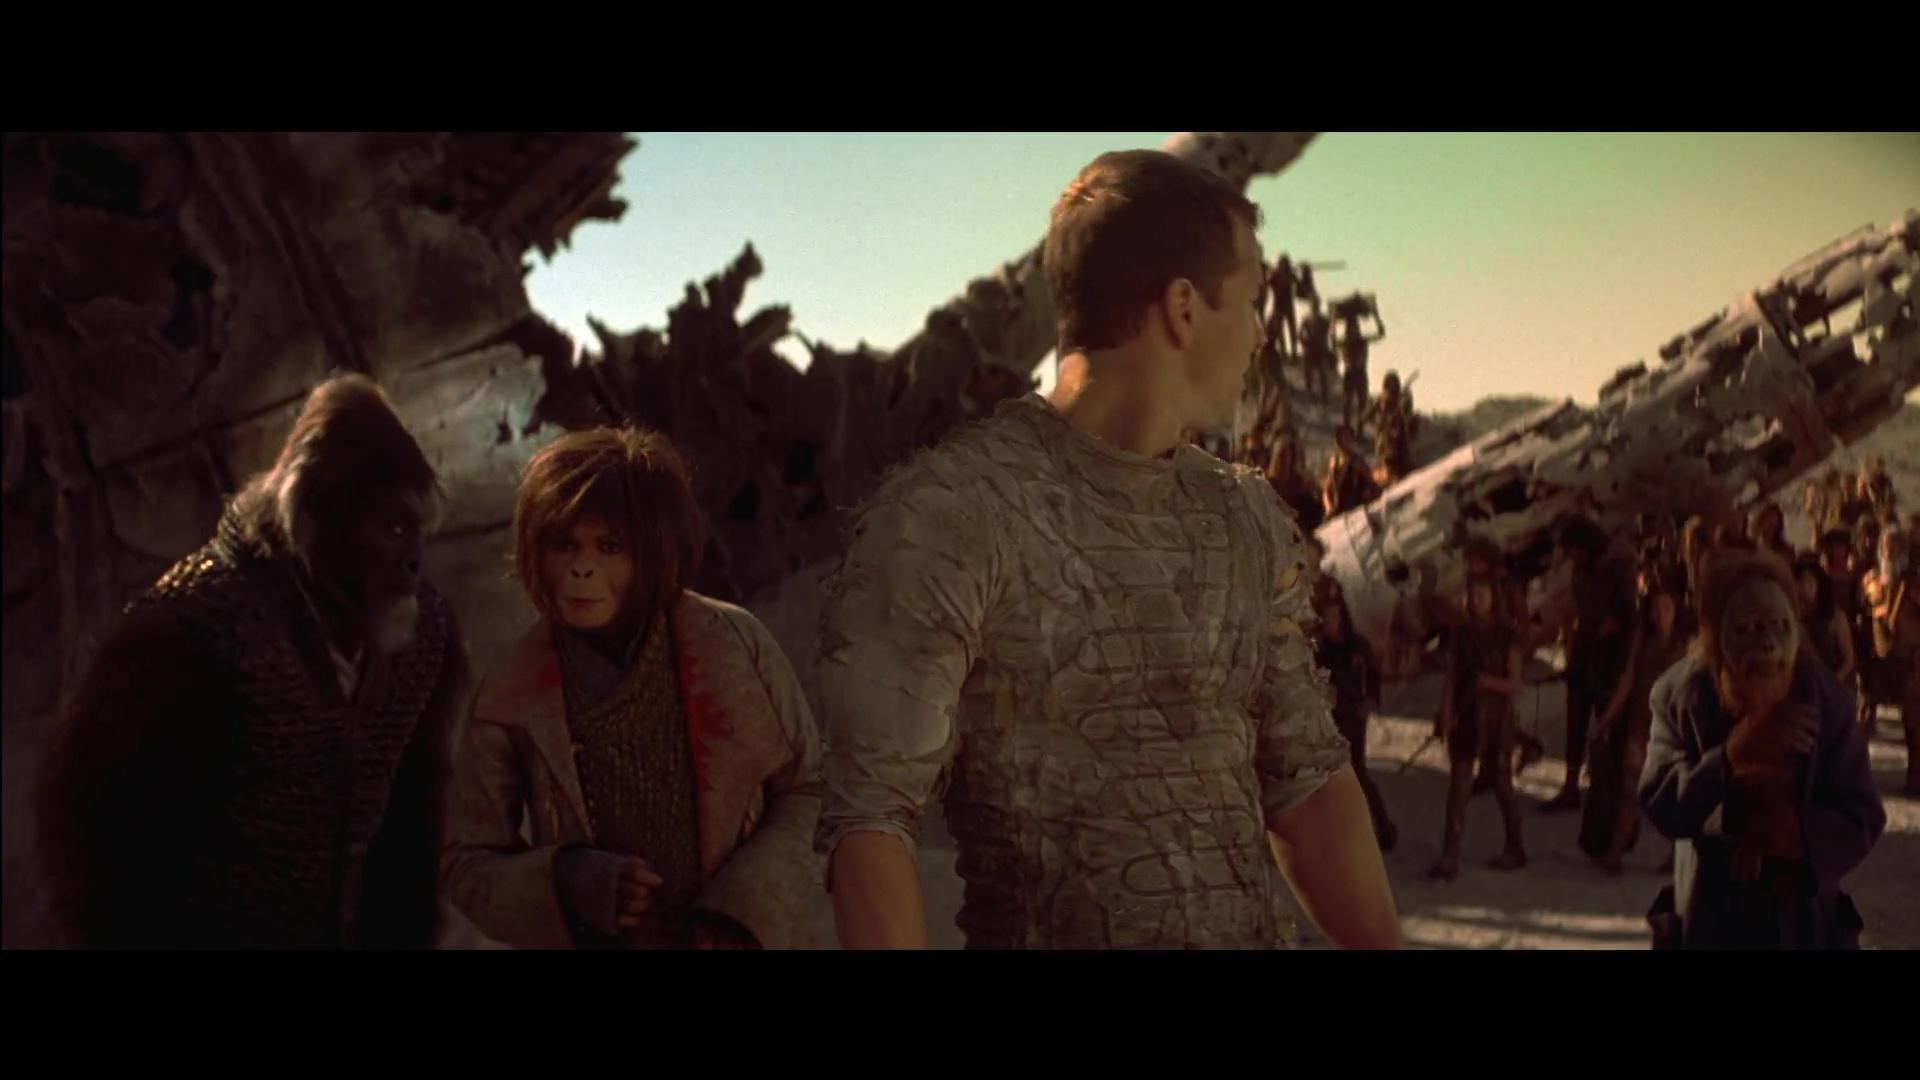 El Planeta De Los Simios 1080p Lat-Cast-Ing 5.1 (2001)